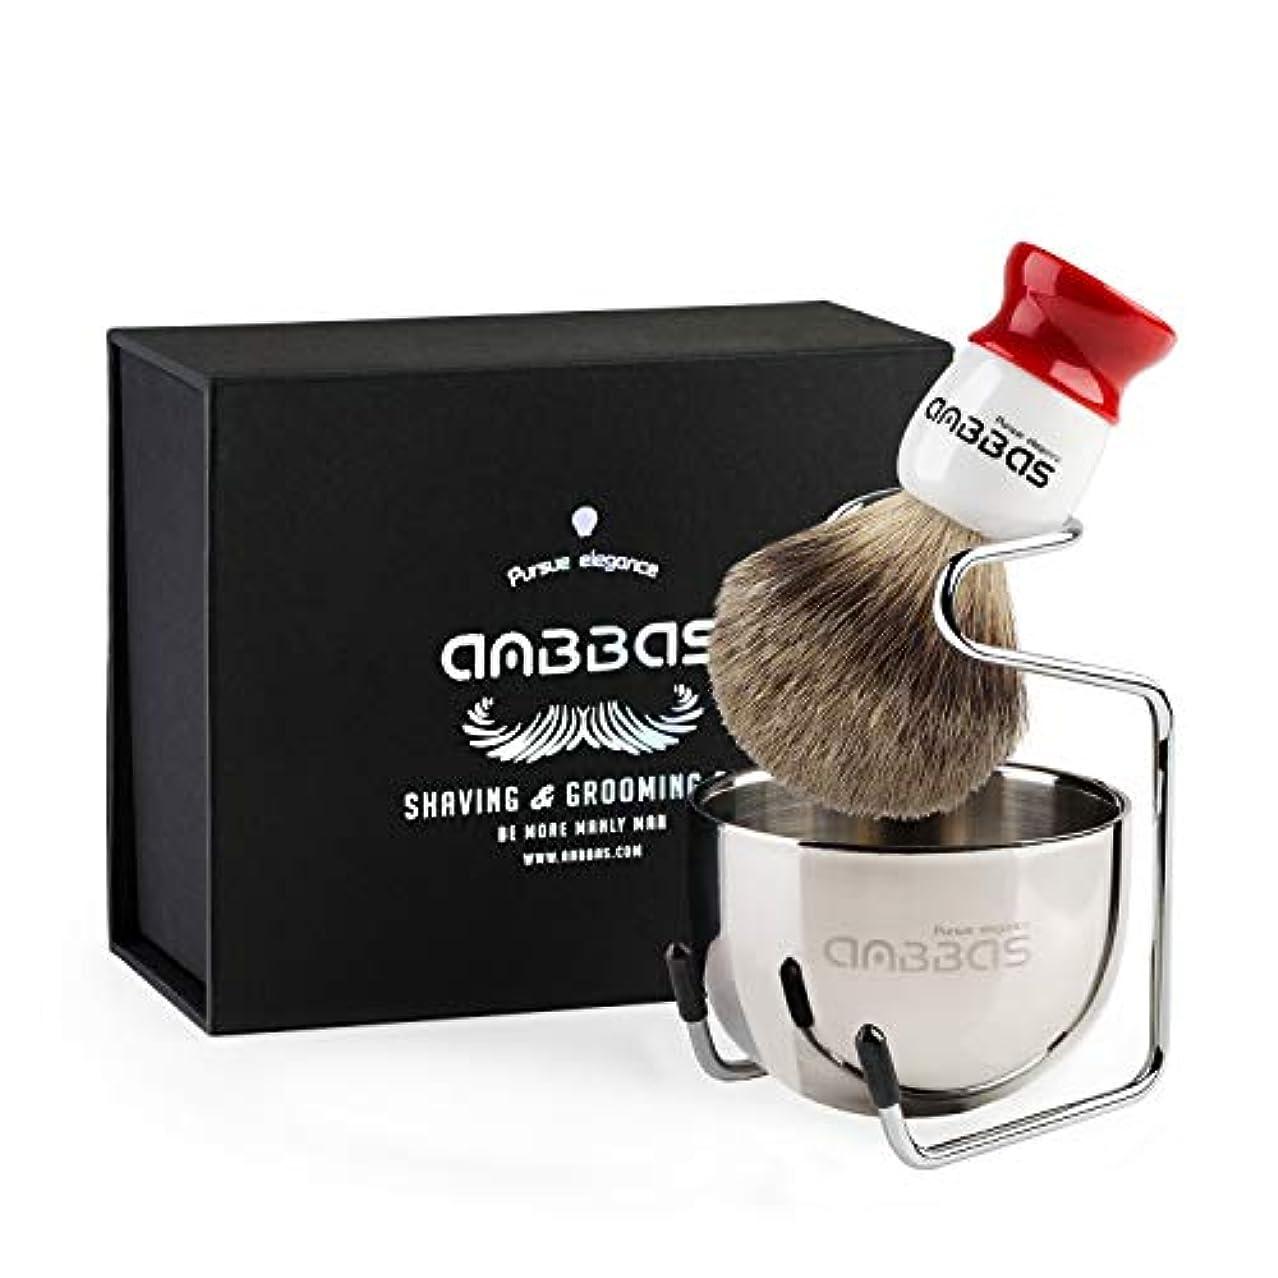 技術的なコミュニティ基礎理論ひげブラシ Anbbasシェービングブラシ 純粋なバッガーヘア 髭剃り 泡立ち 洗顔ブラシ メンズ (3点セット)